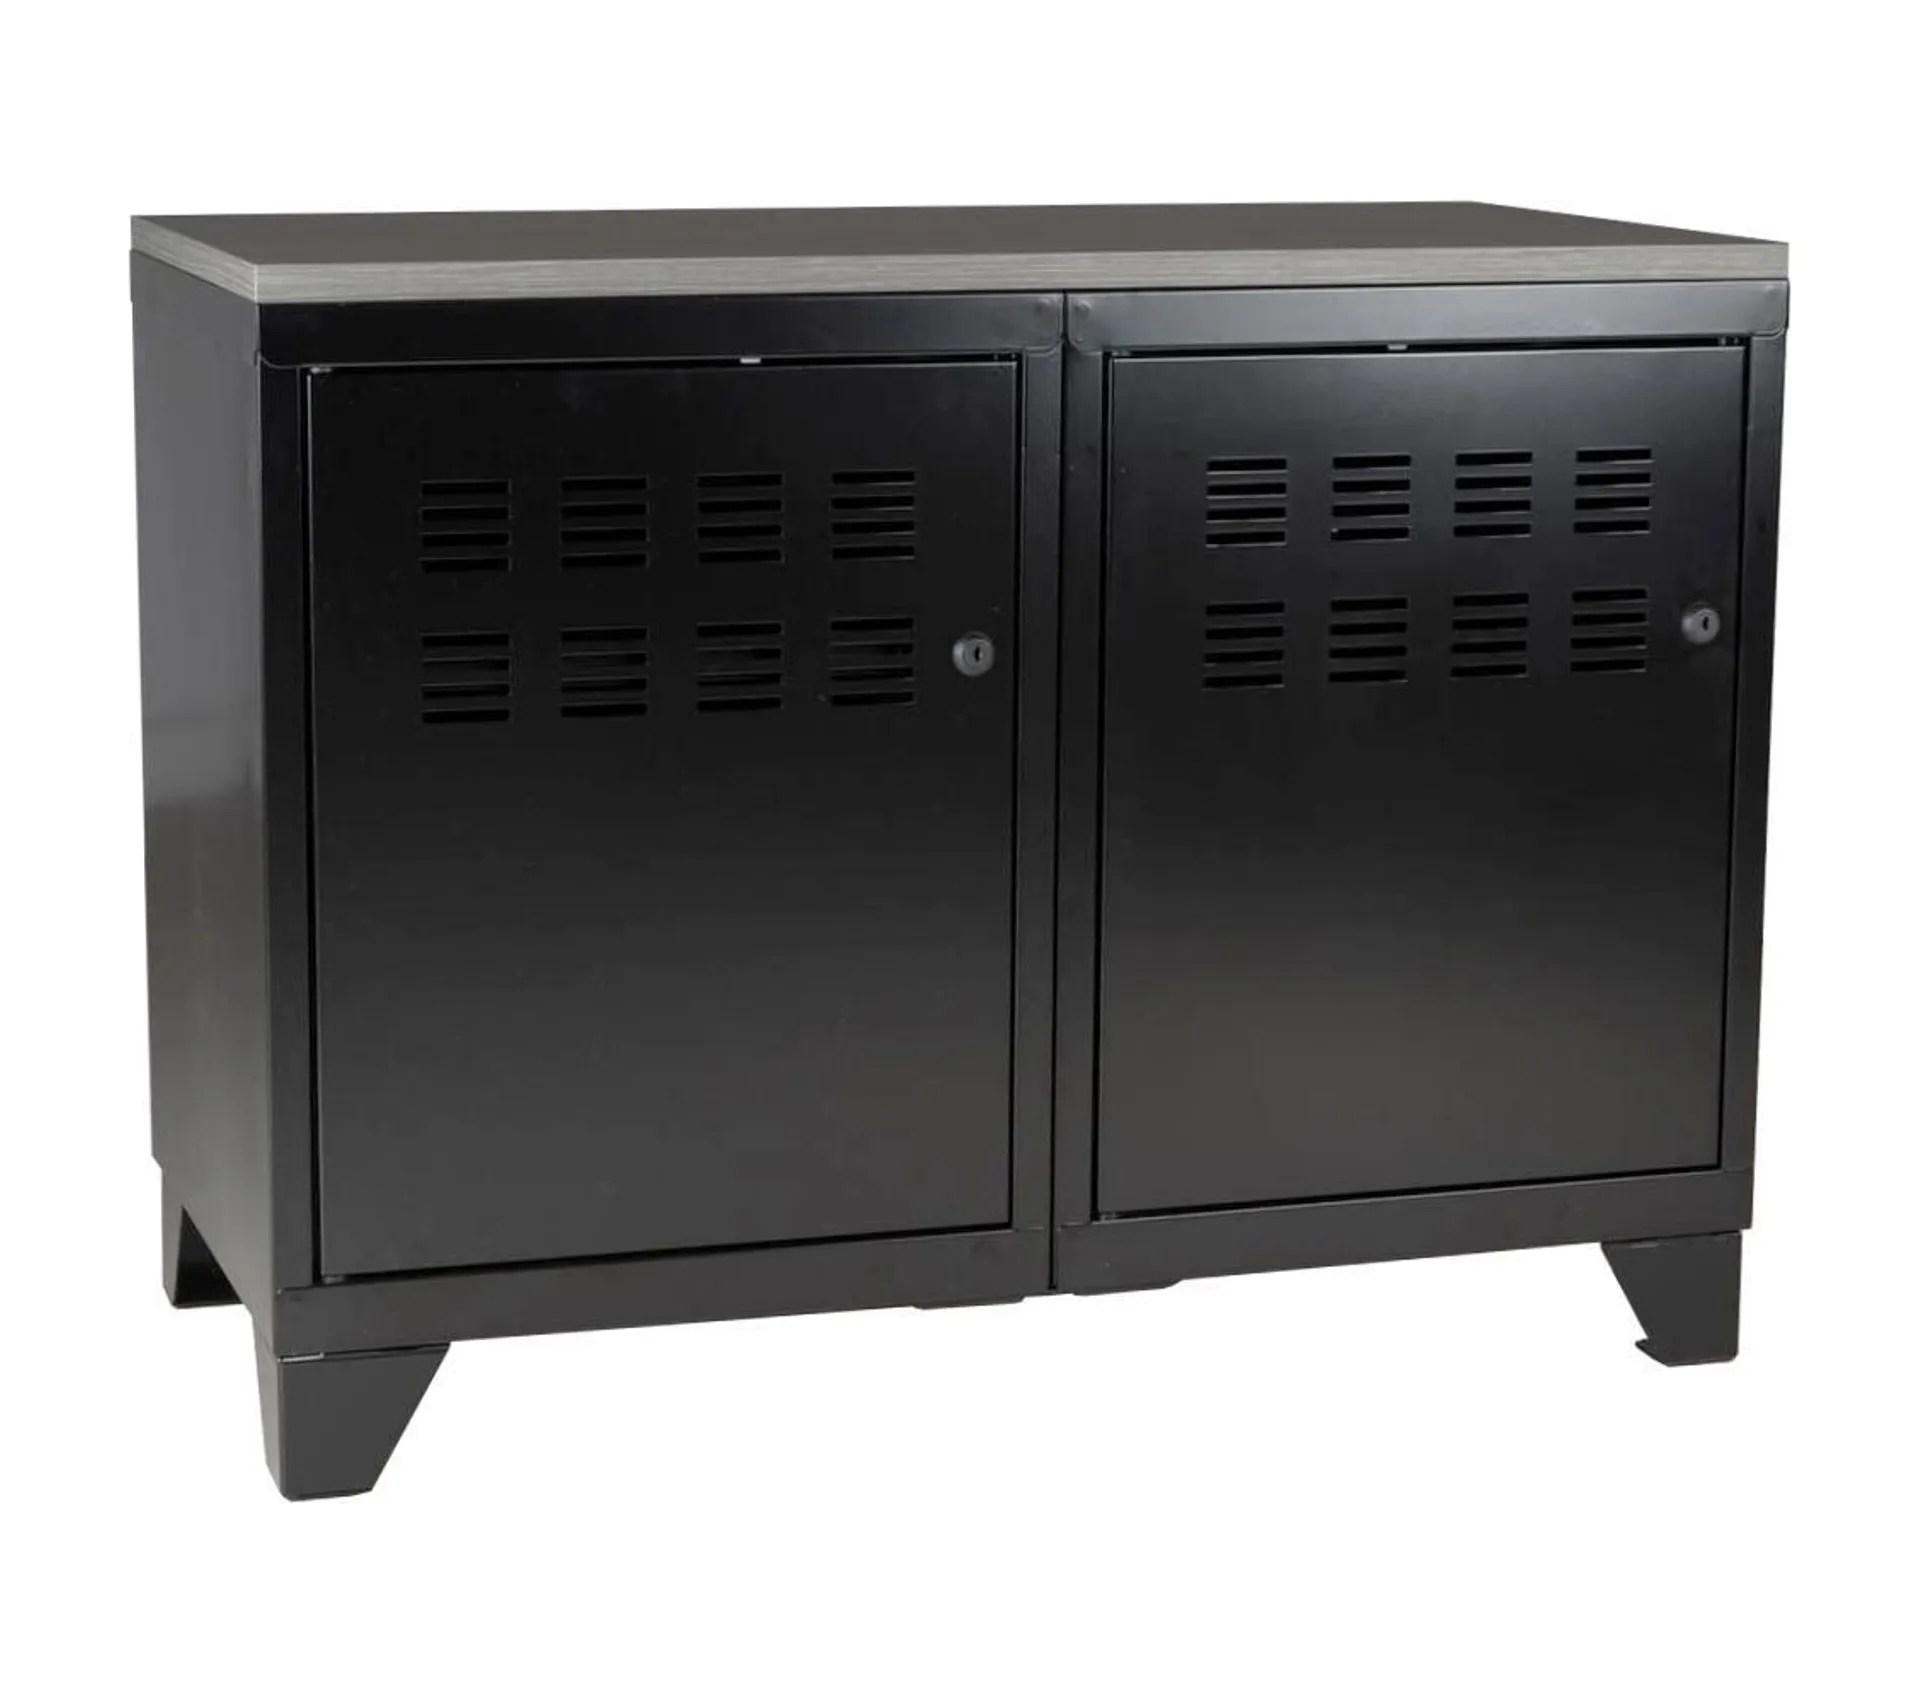 meuble rangement metallique 2 portes noir